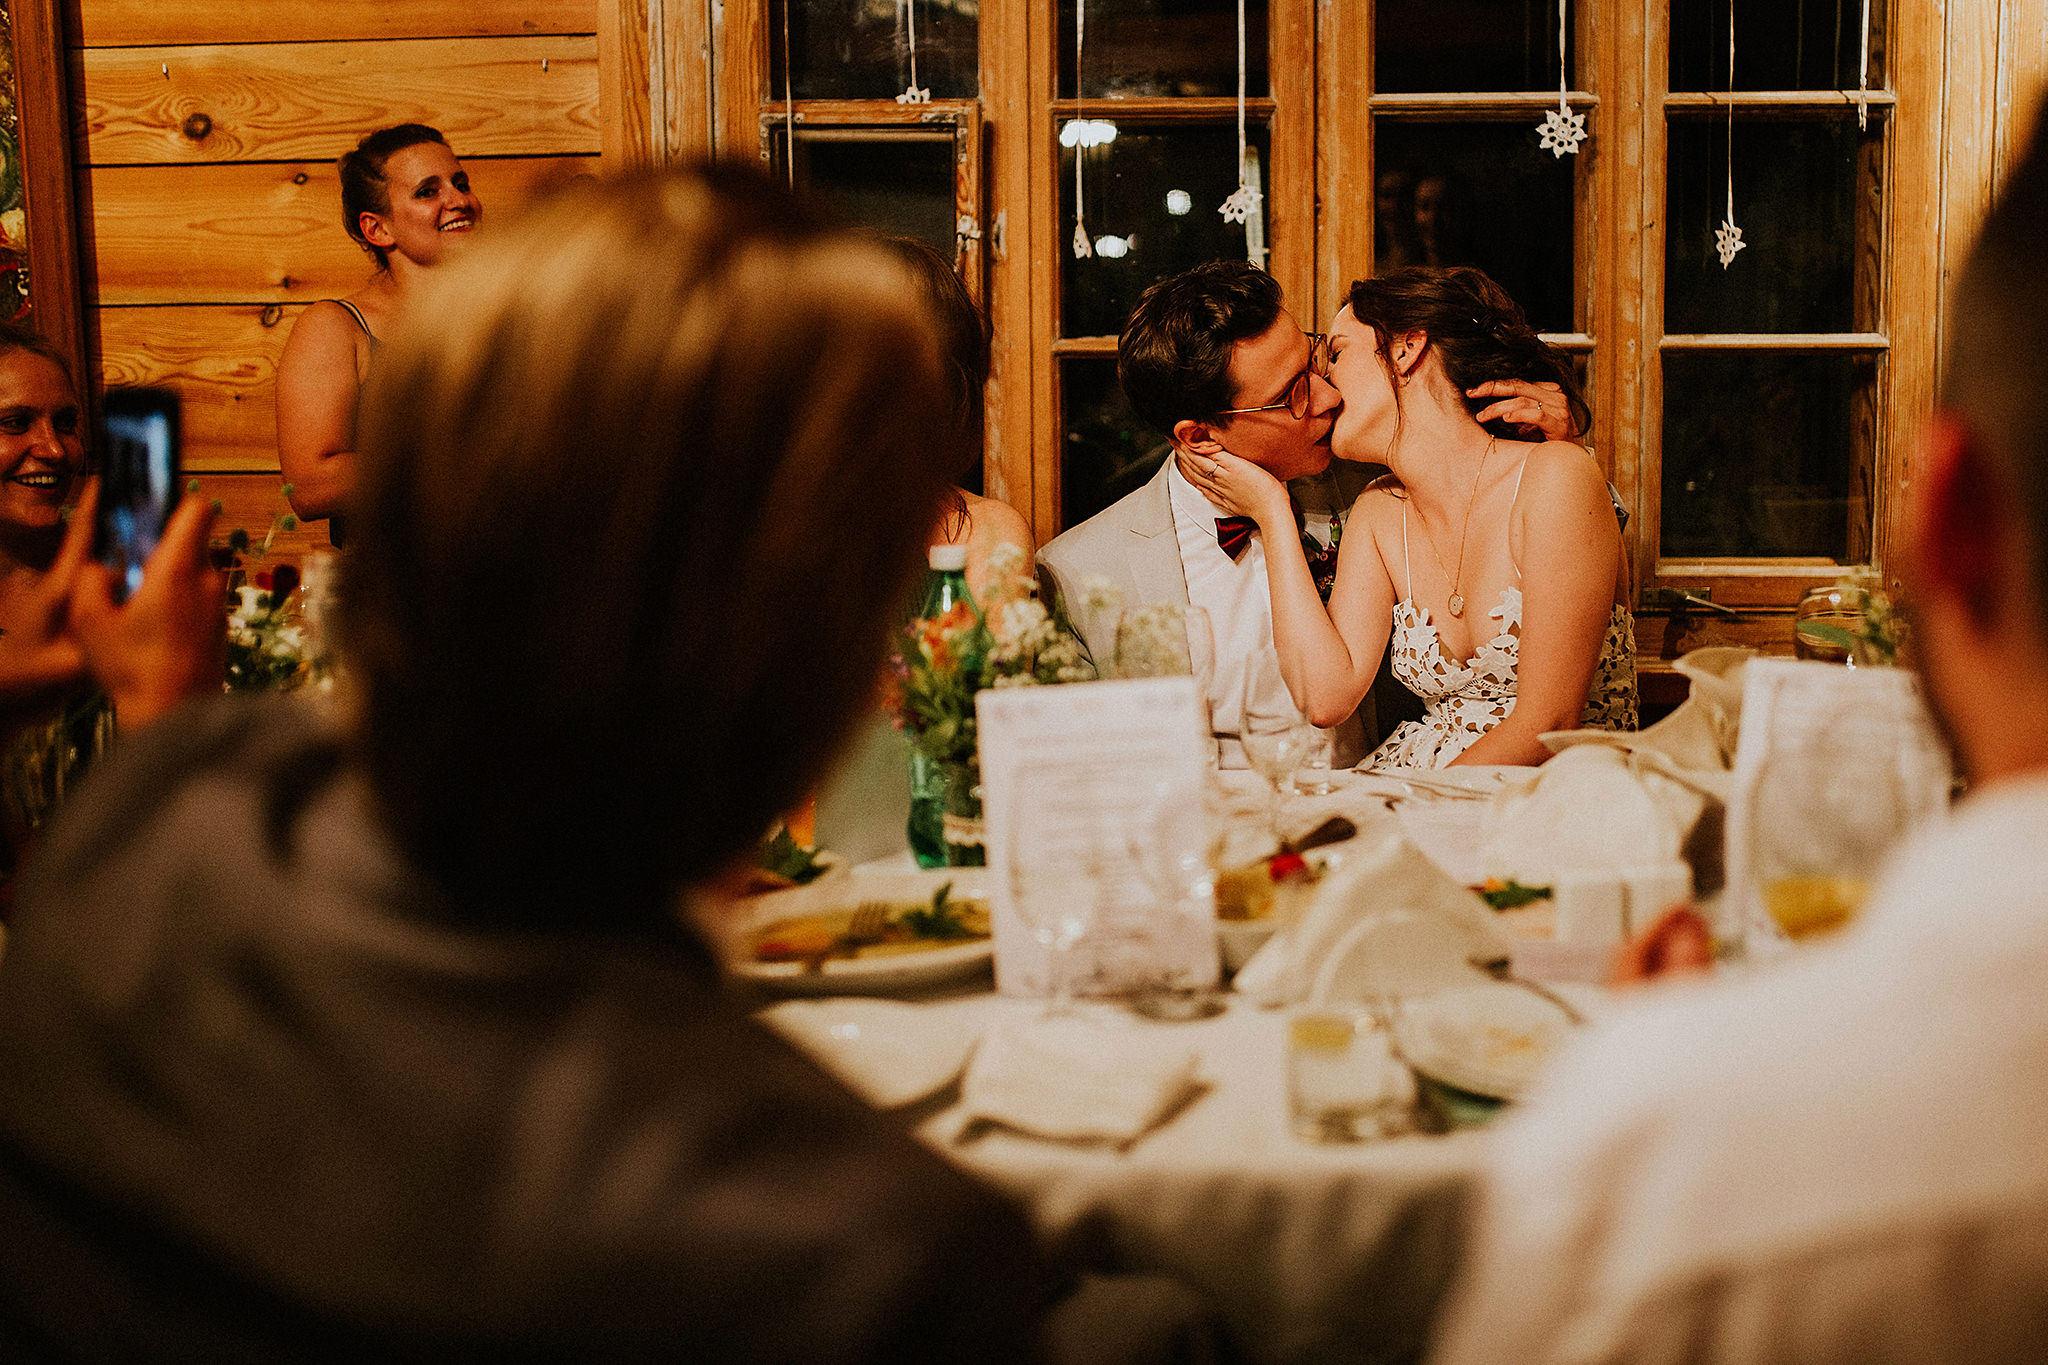 zosiajan fotograf Karol Nycz Photography www.karolnycz.com 345